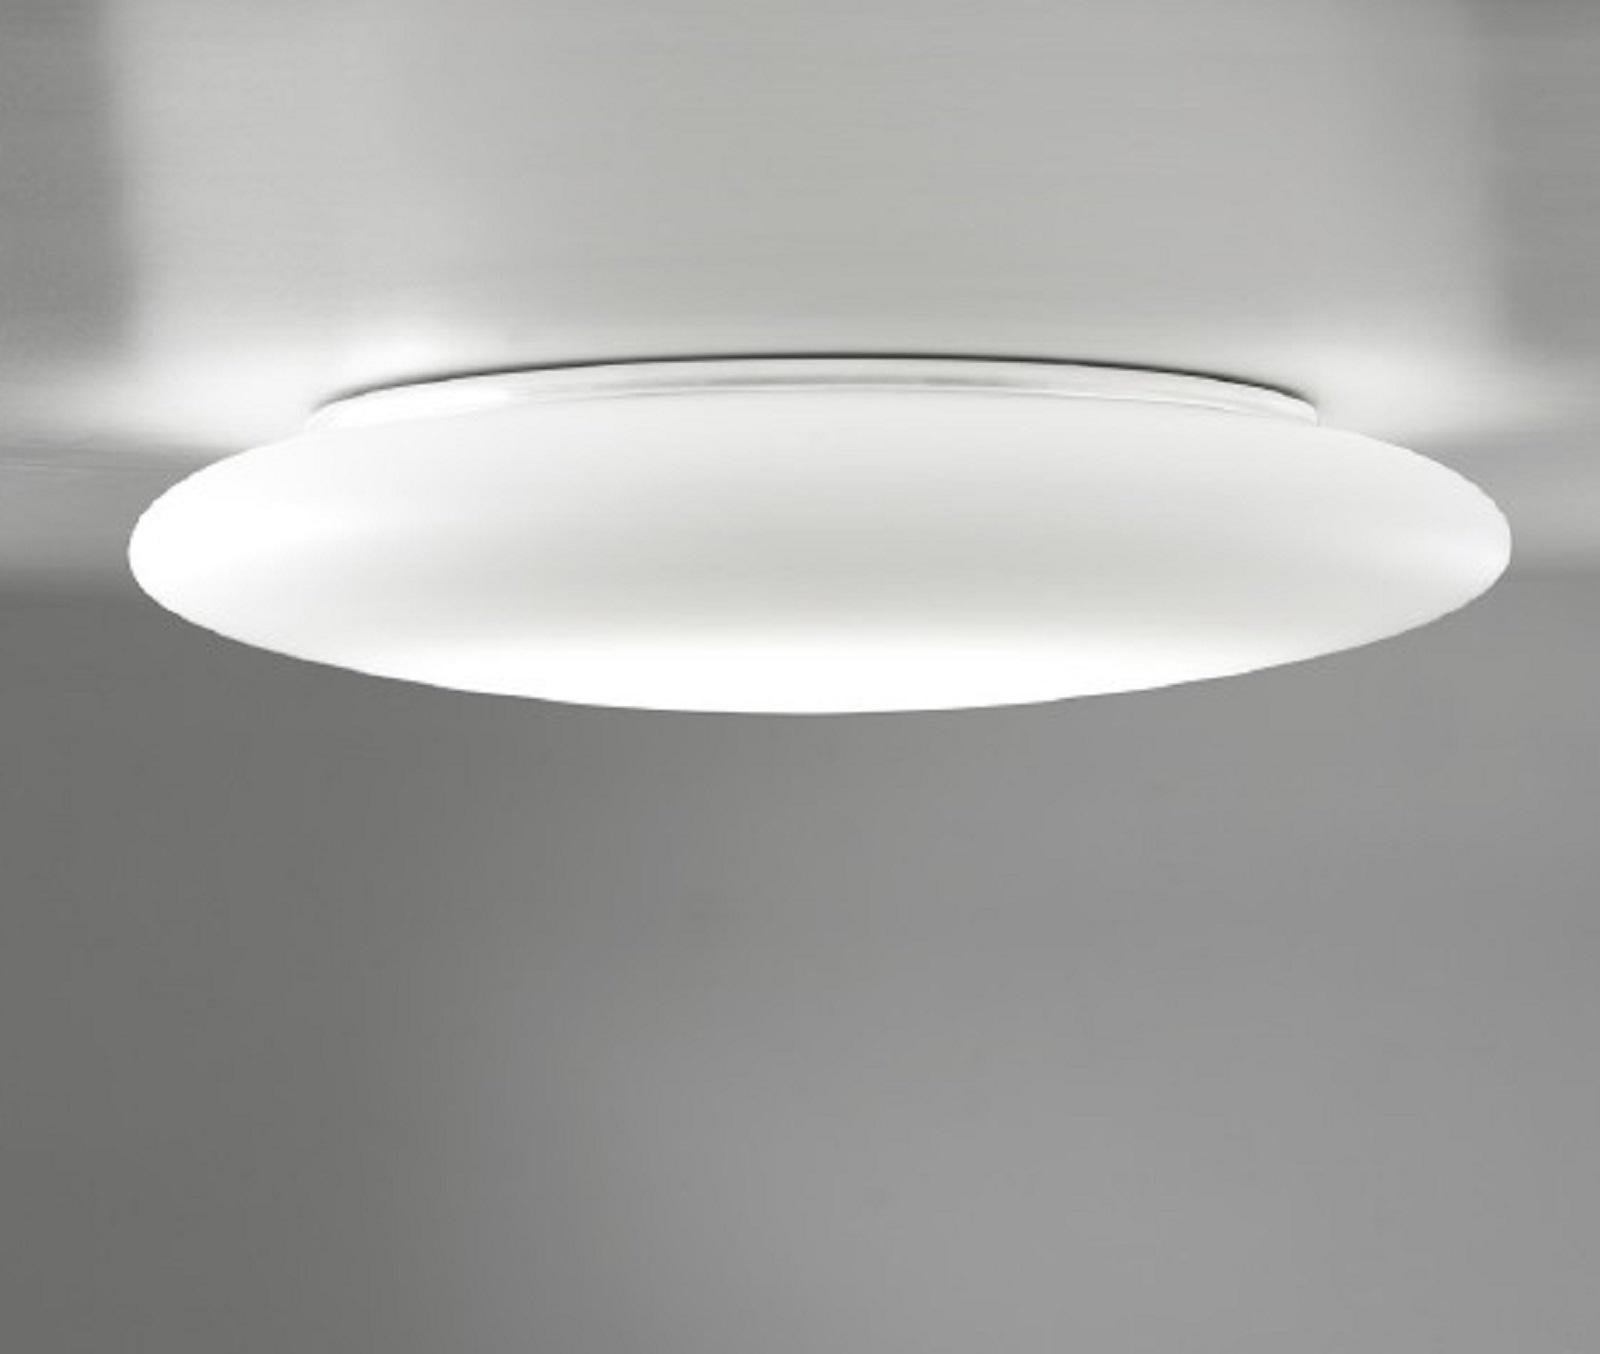 Plafoniere Per Casa.Illuminazione Interni Lampade Plaffoniere Soffitto